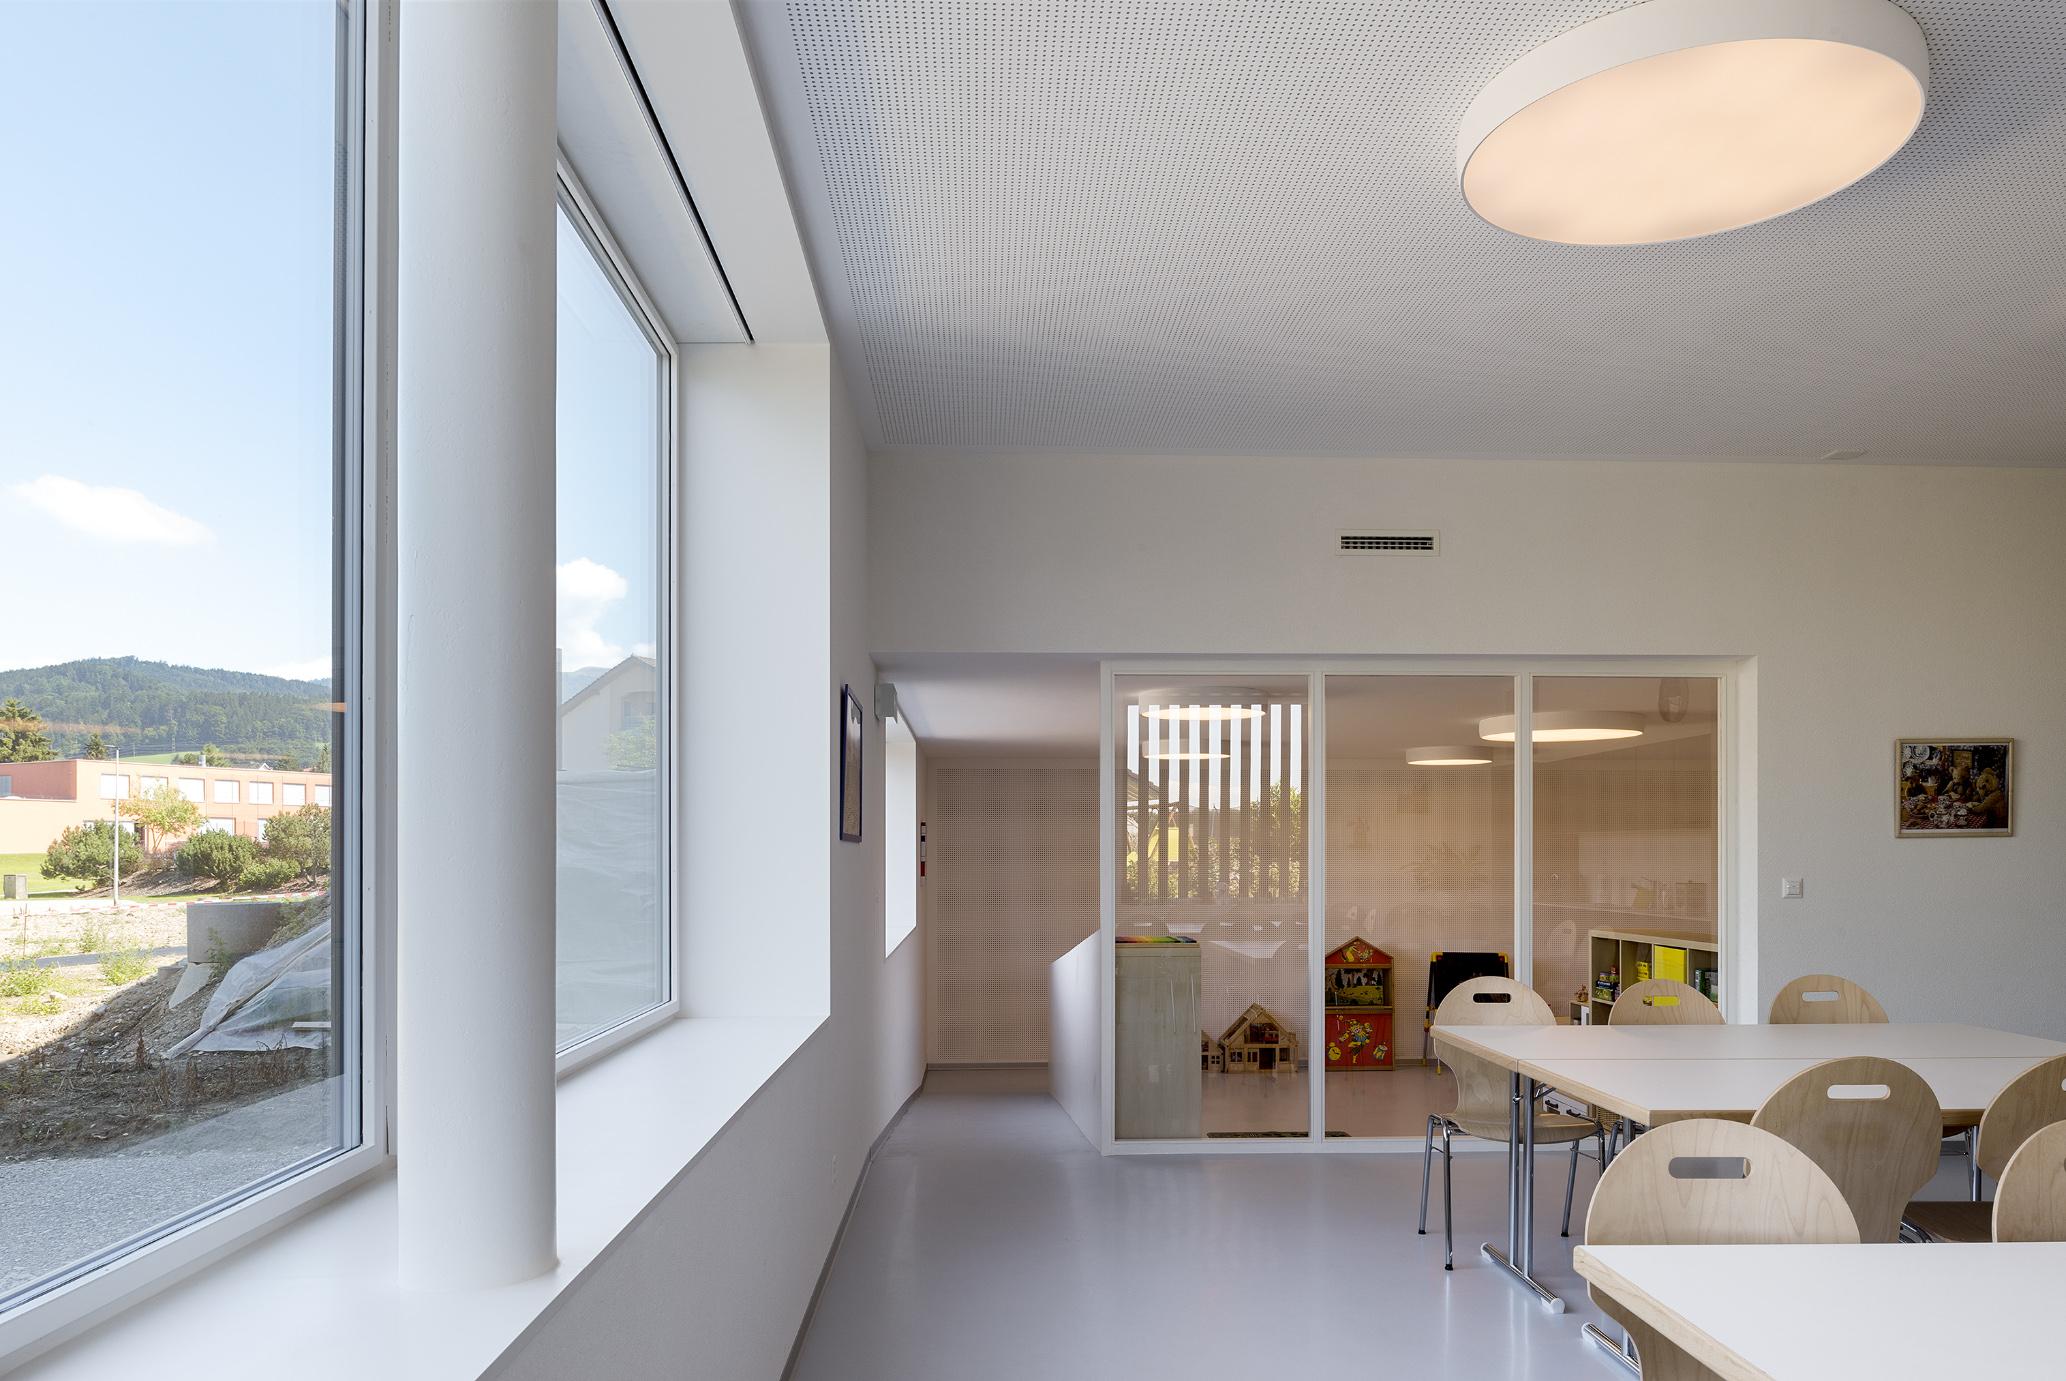 Andrey-Schenker-Sottaz_Architectes_Fra_002.jpg